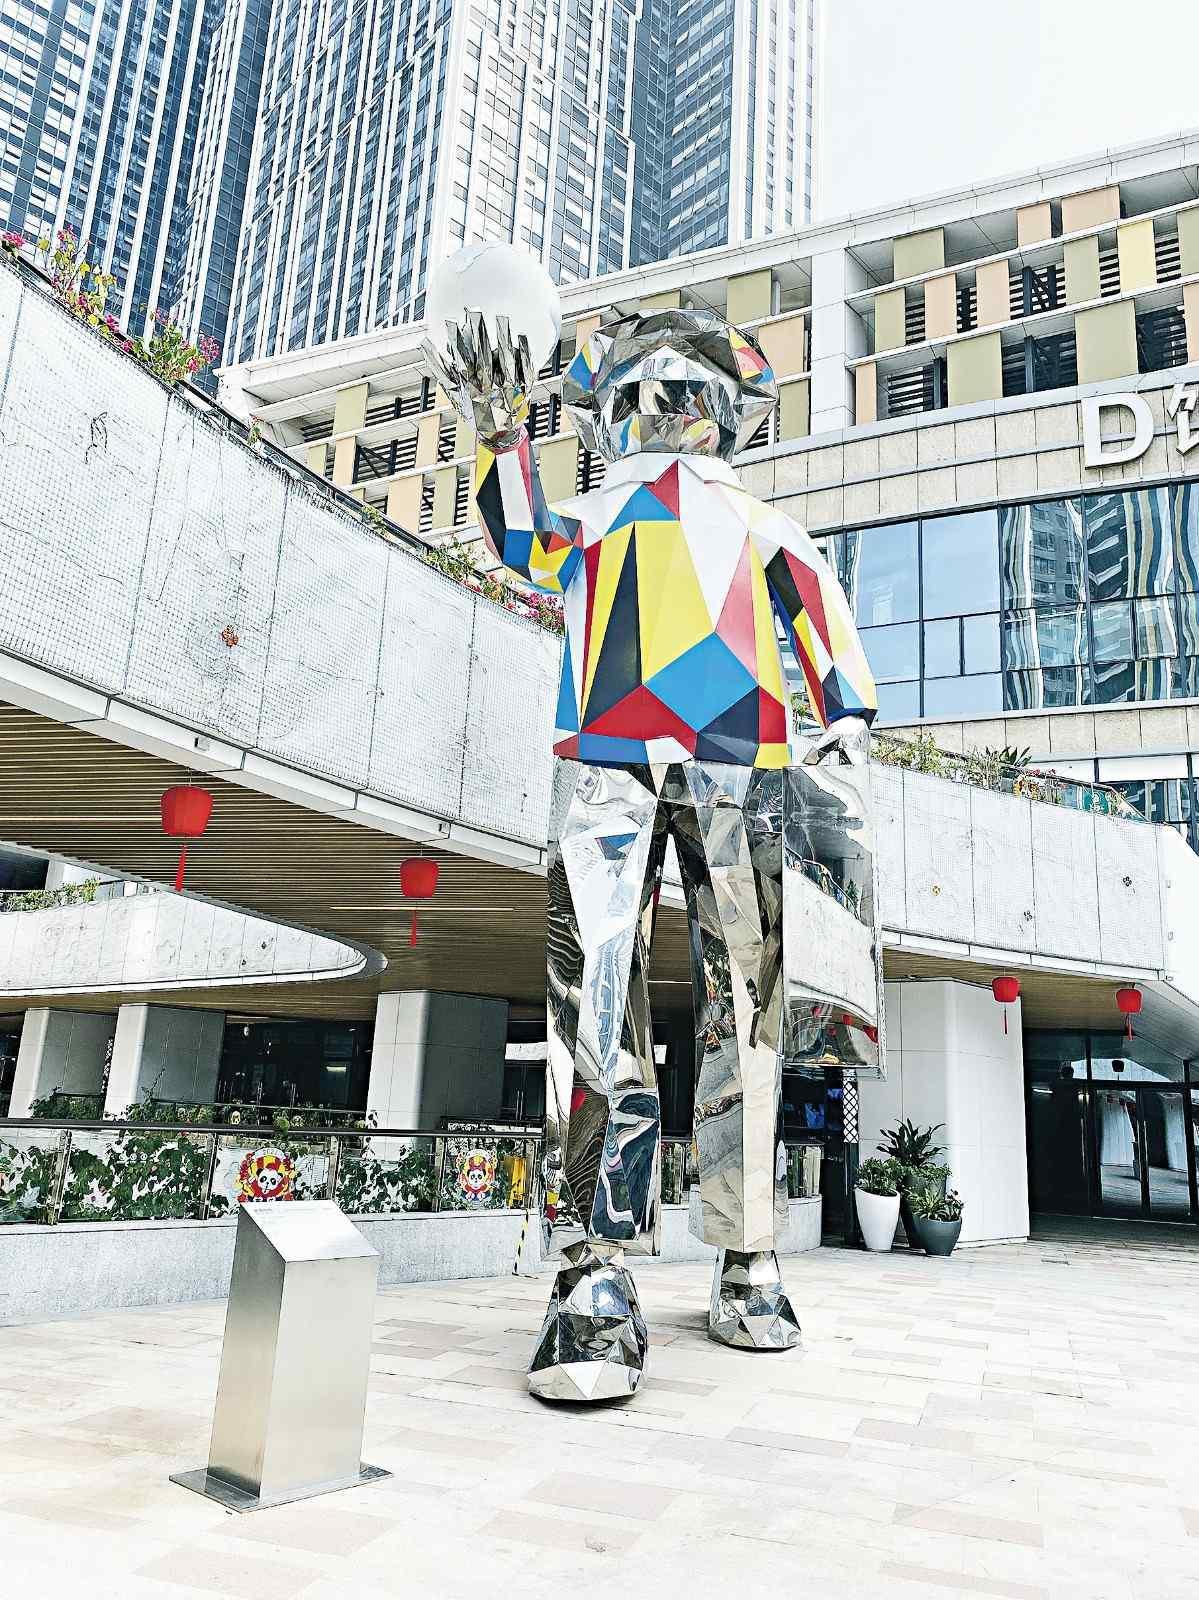 西麗寶能環球匯特別為項目打造了一個原創IP形象──熊貓人「滾滾先生」,這位先生喜好藝術鑒 賞、環球旅行和運動,很切合商場充滿趣味好玩的 品質生活理念。